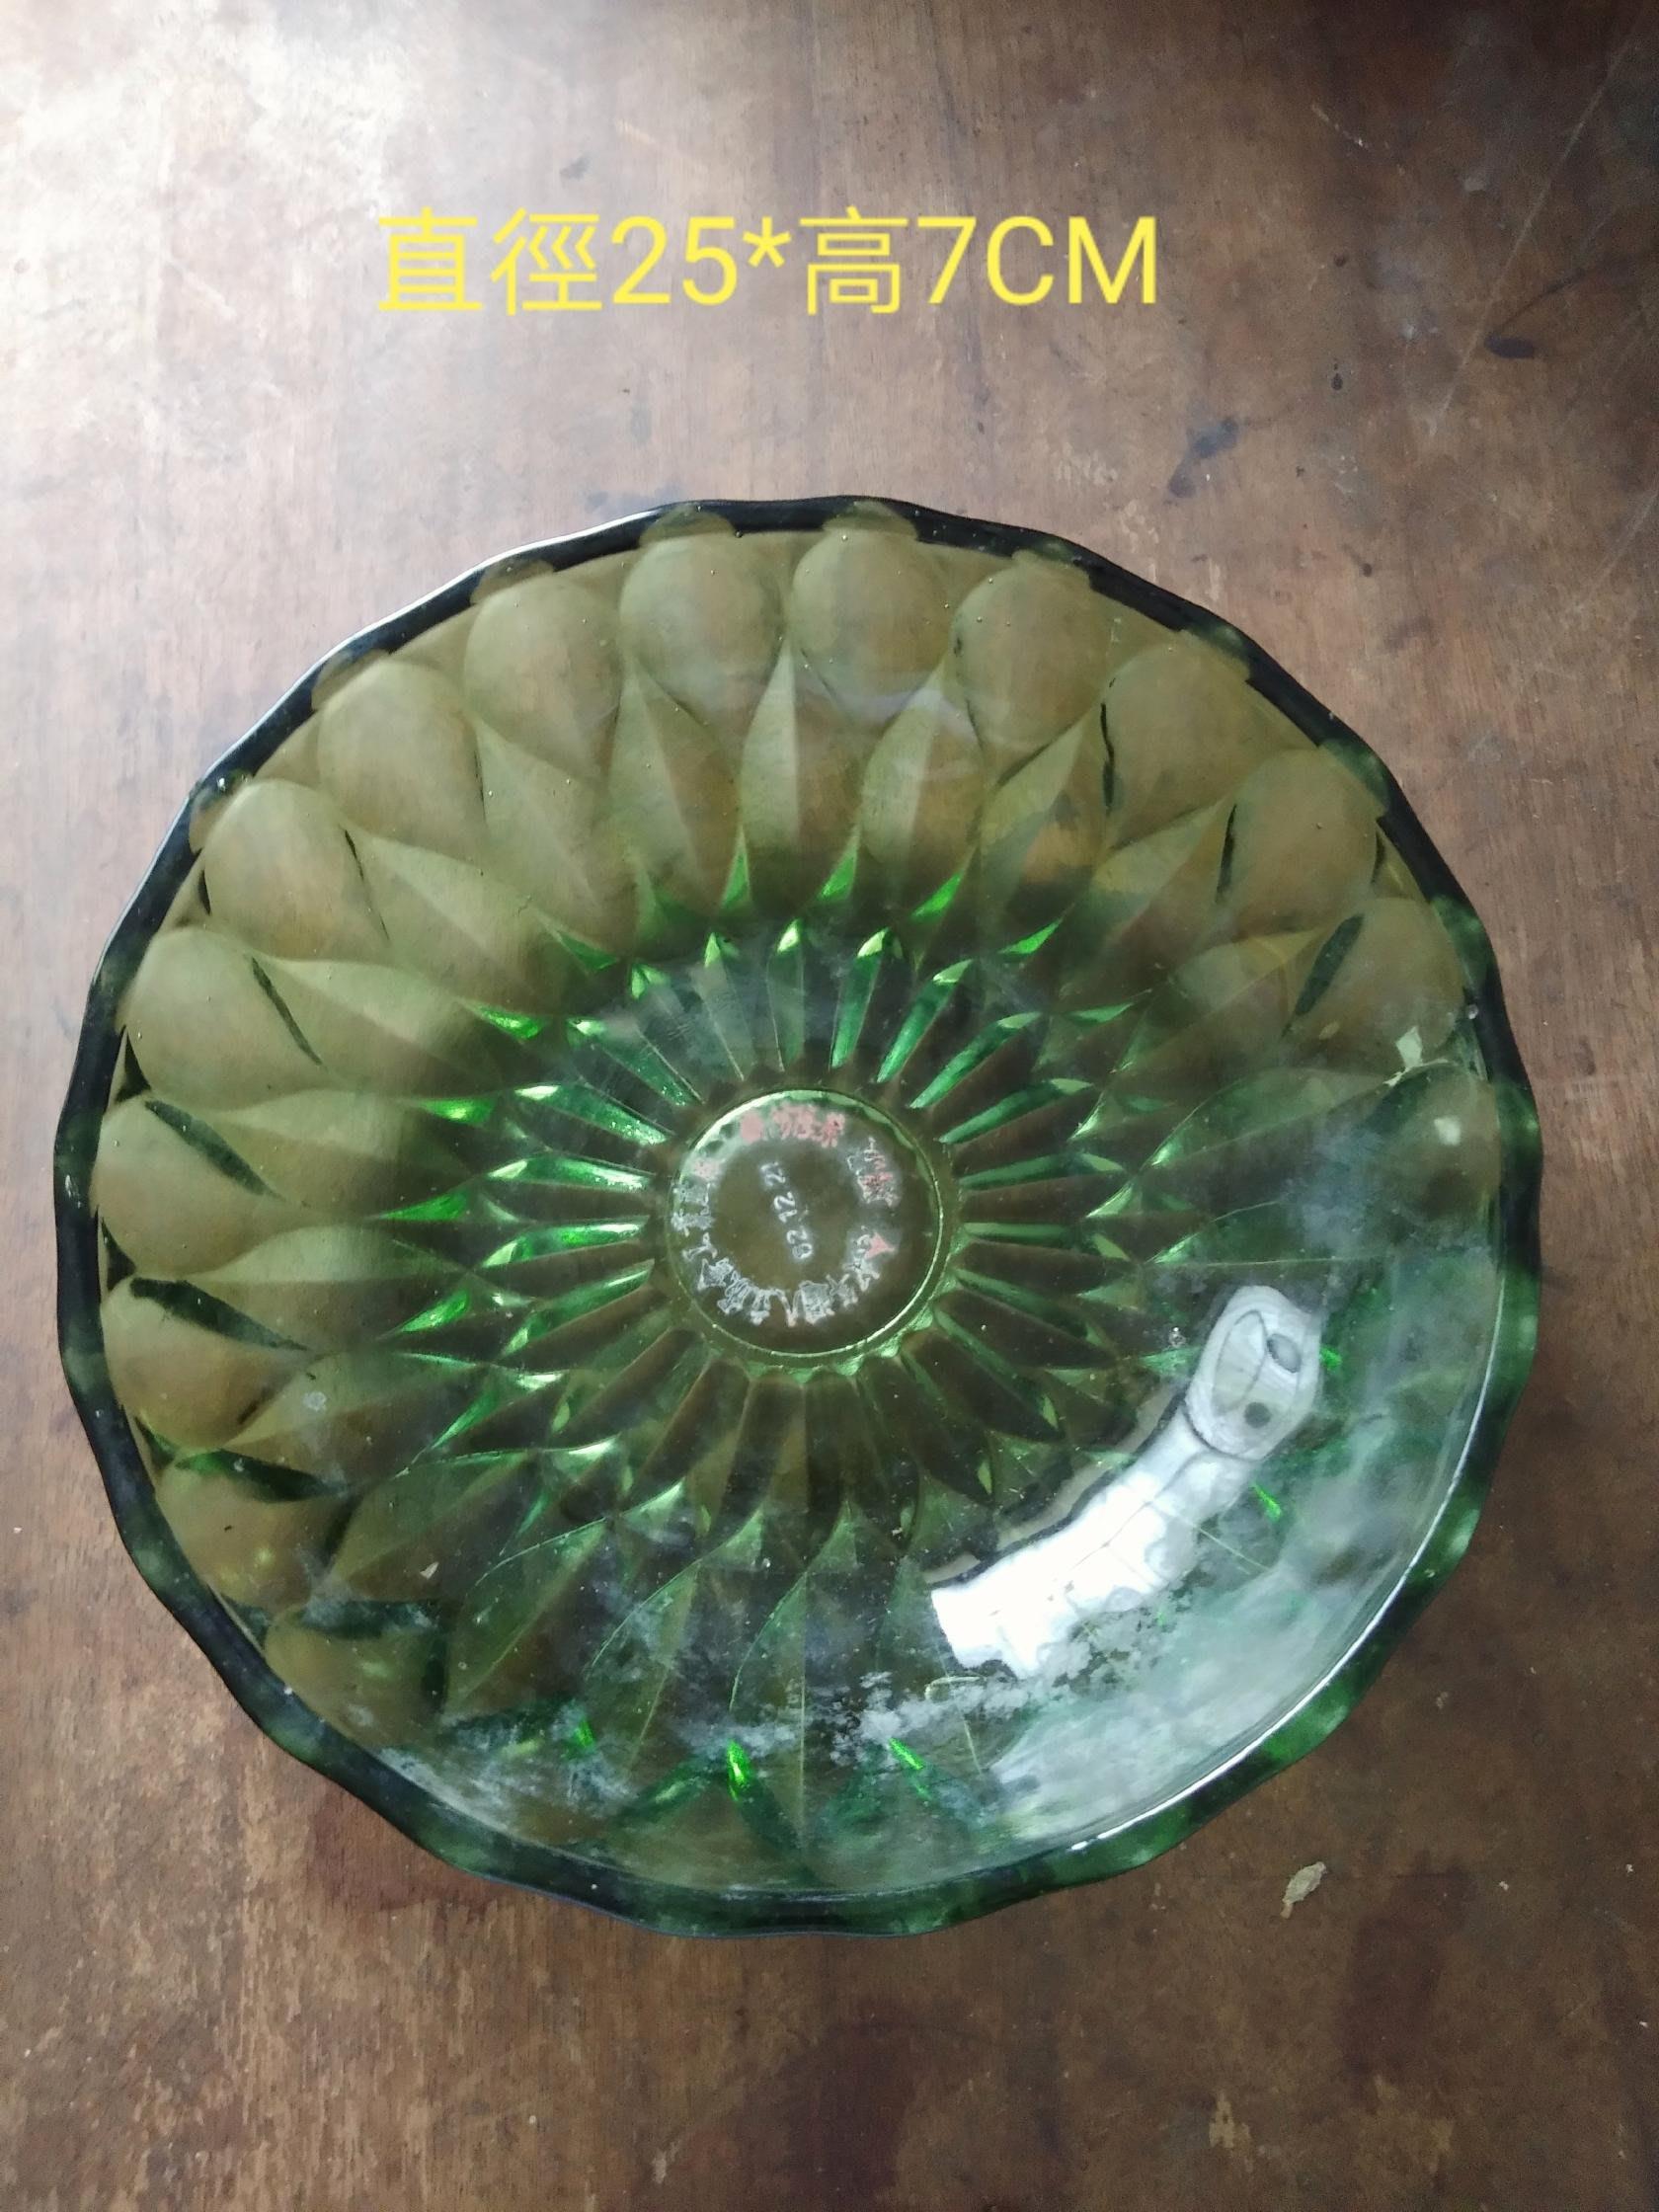 早期綠色老玻璃大盤.水果盤.沙拉盤